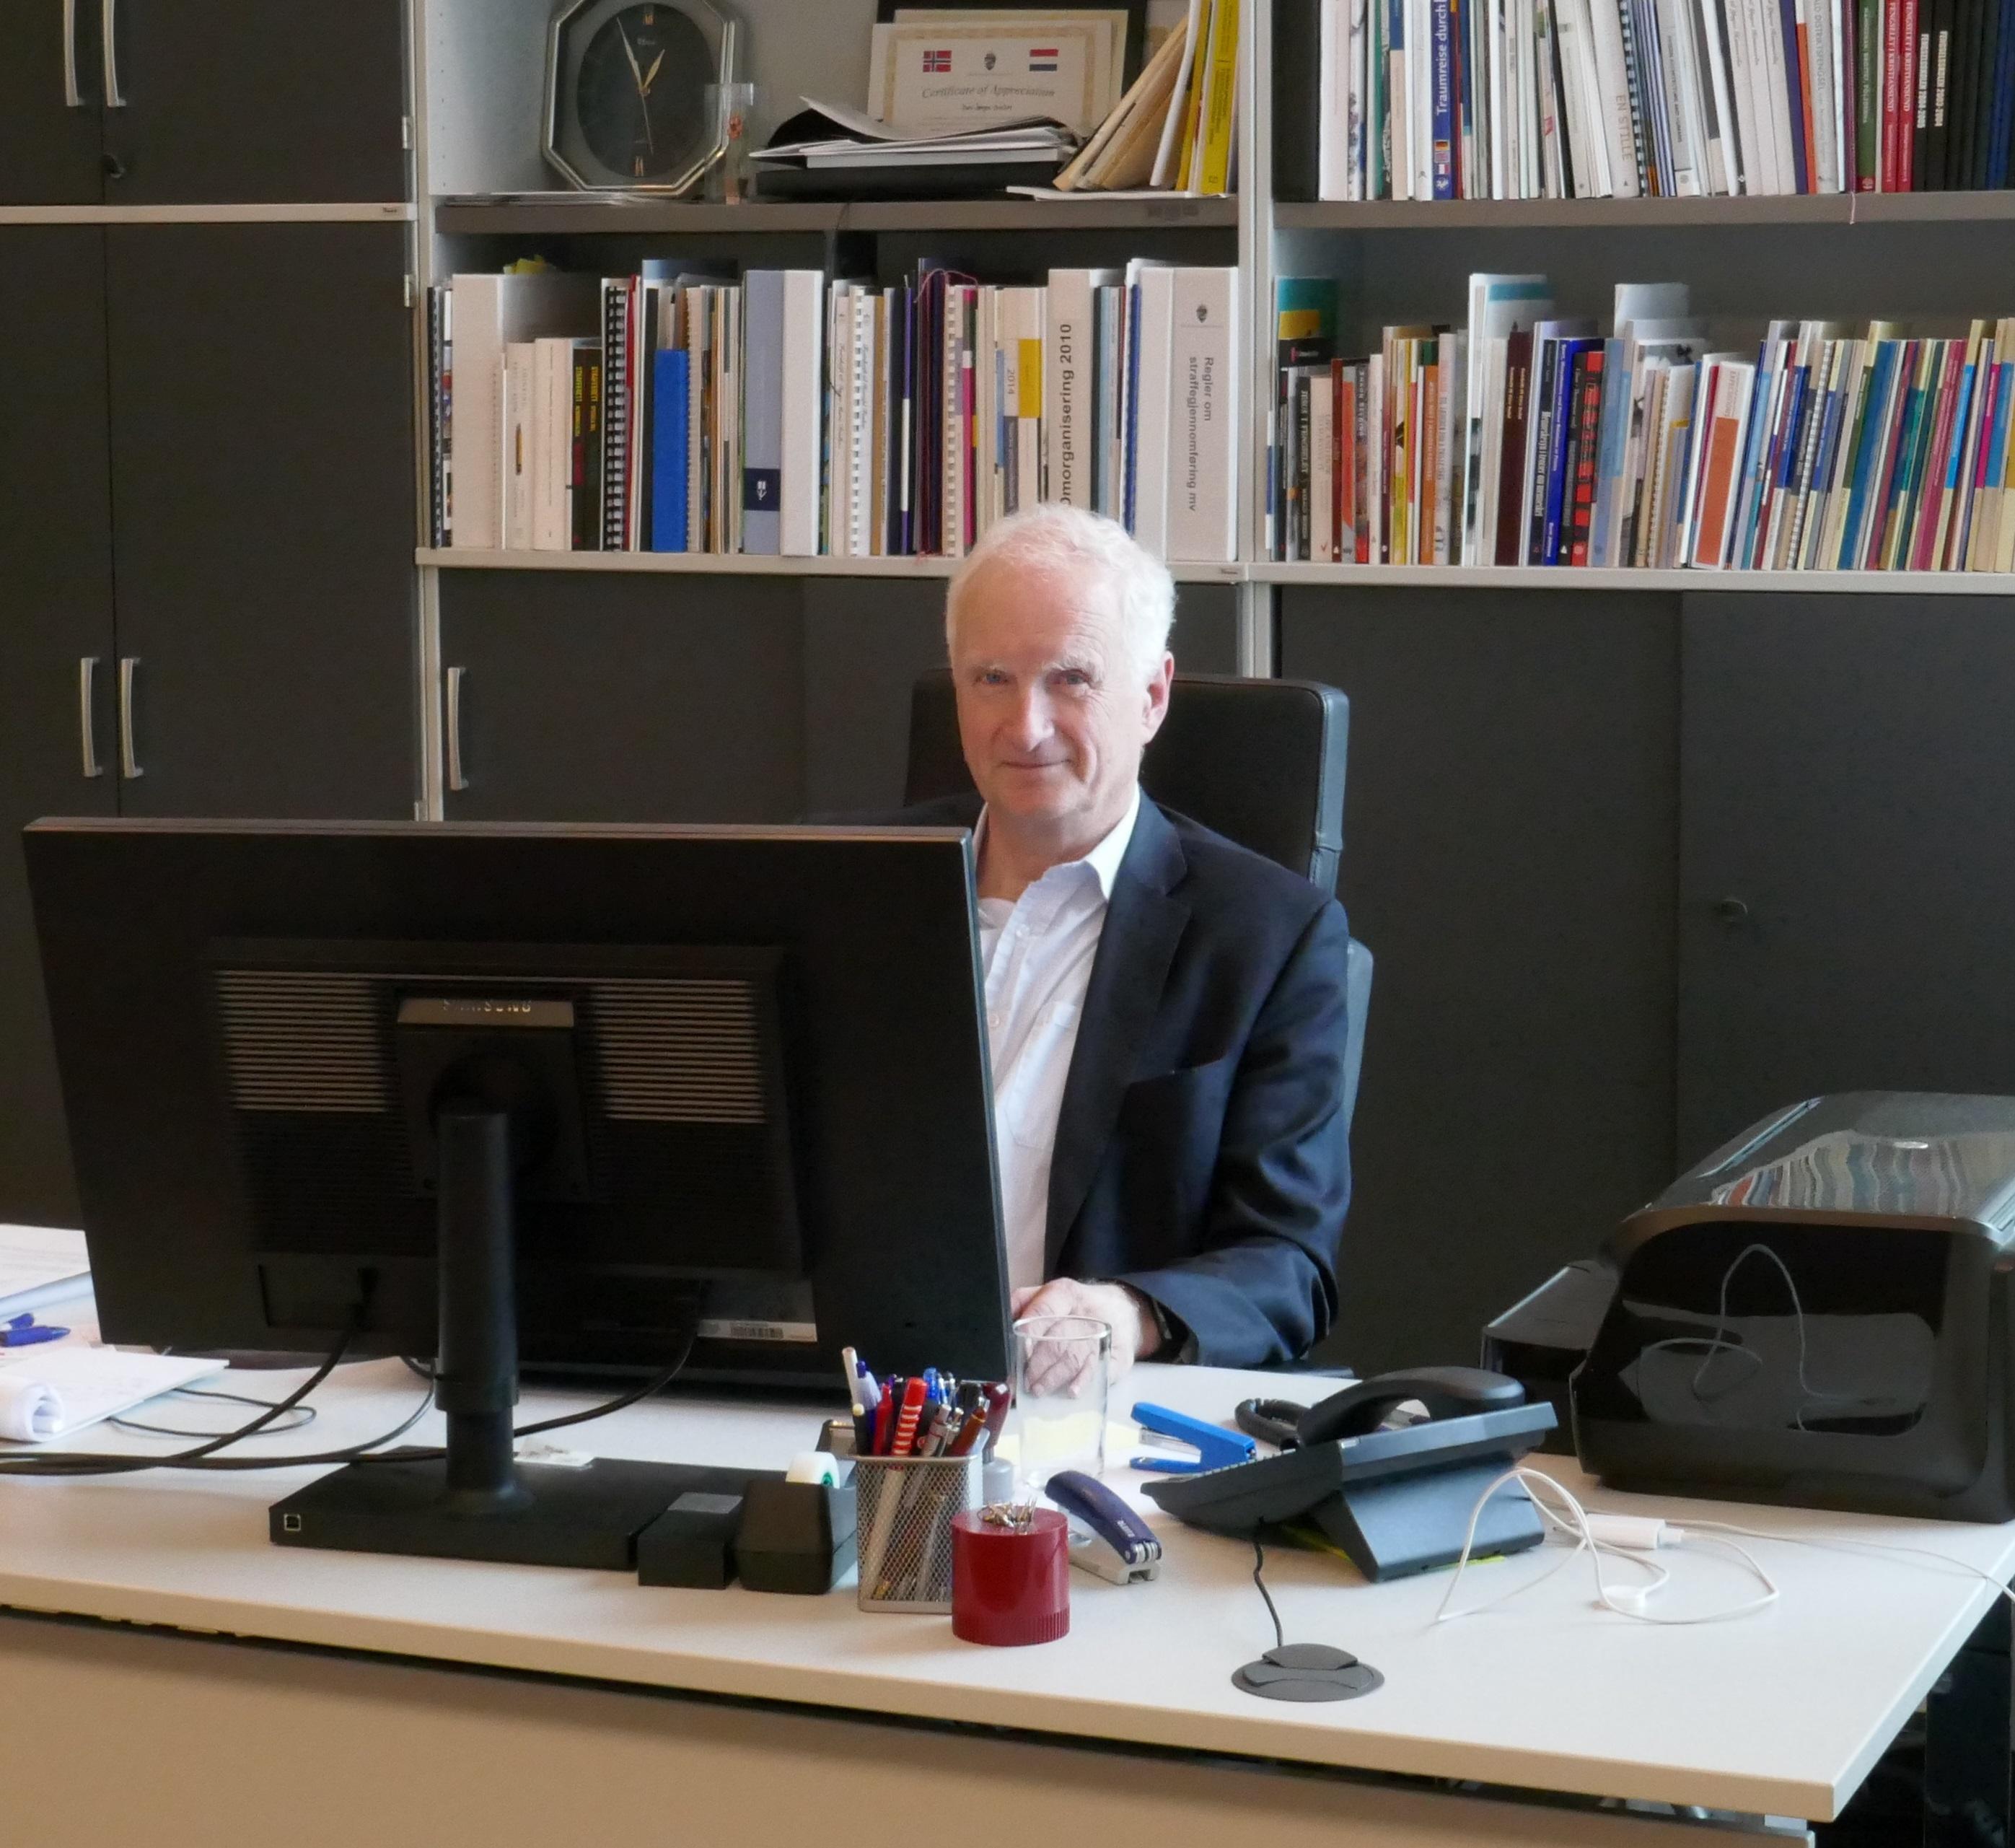 P1000480 Hans-Jørgen ved skrivebordet - utsnitt.jpg